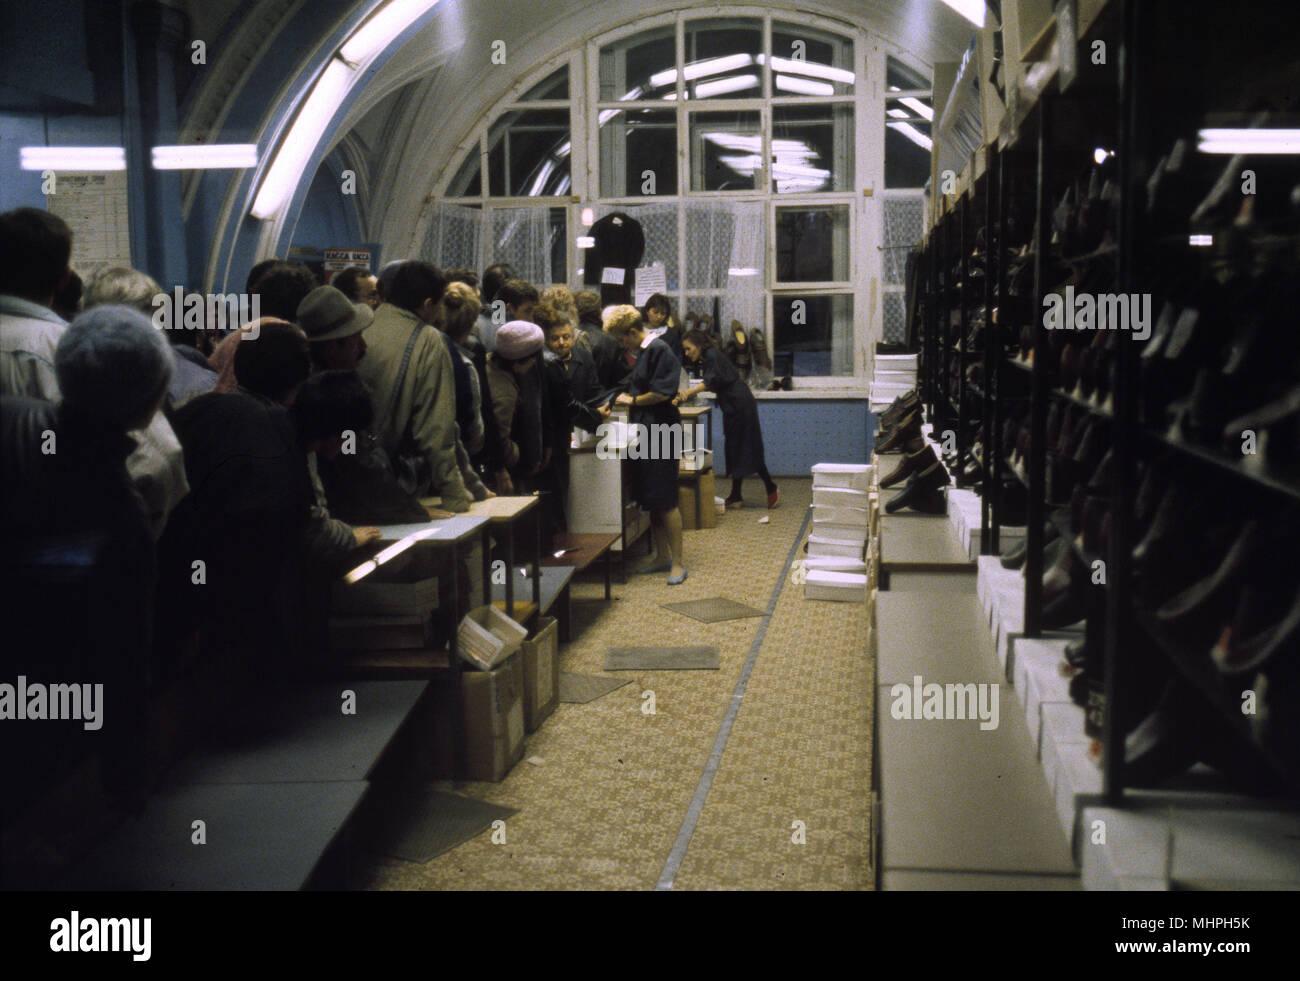 Käufer in einem Schuhgeschäft in dem Kaufhaus GUM, Moskau, Russland. Datum: ca. 1990 s Stockbild